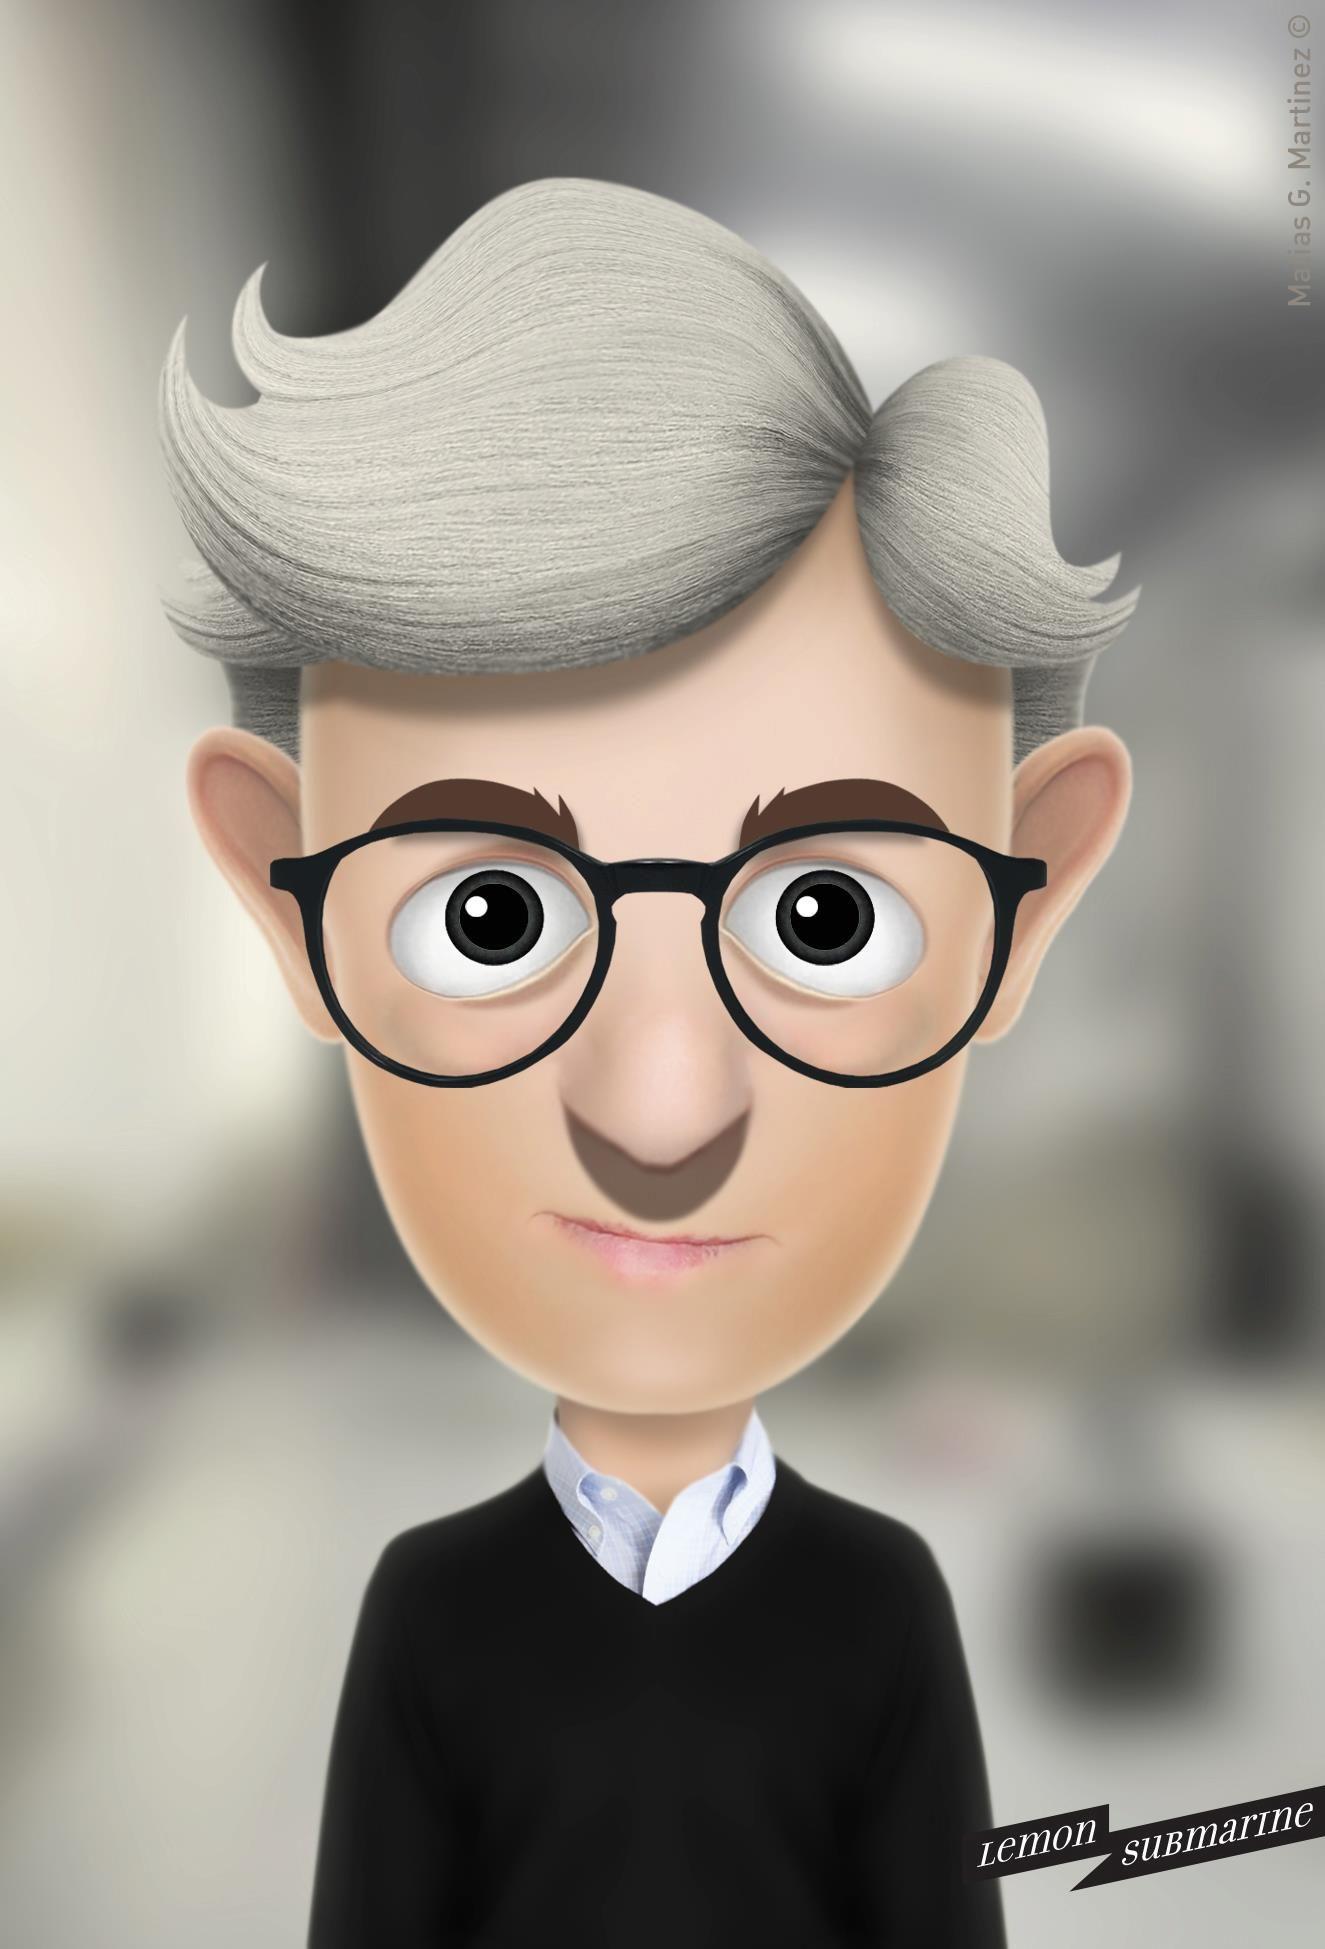 Woody Allen  ©2012 Matias G. Martinez